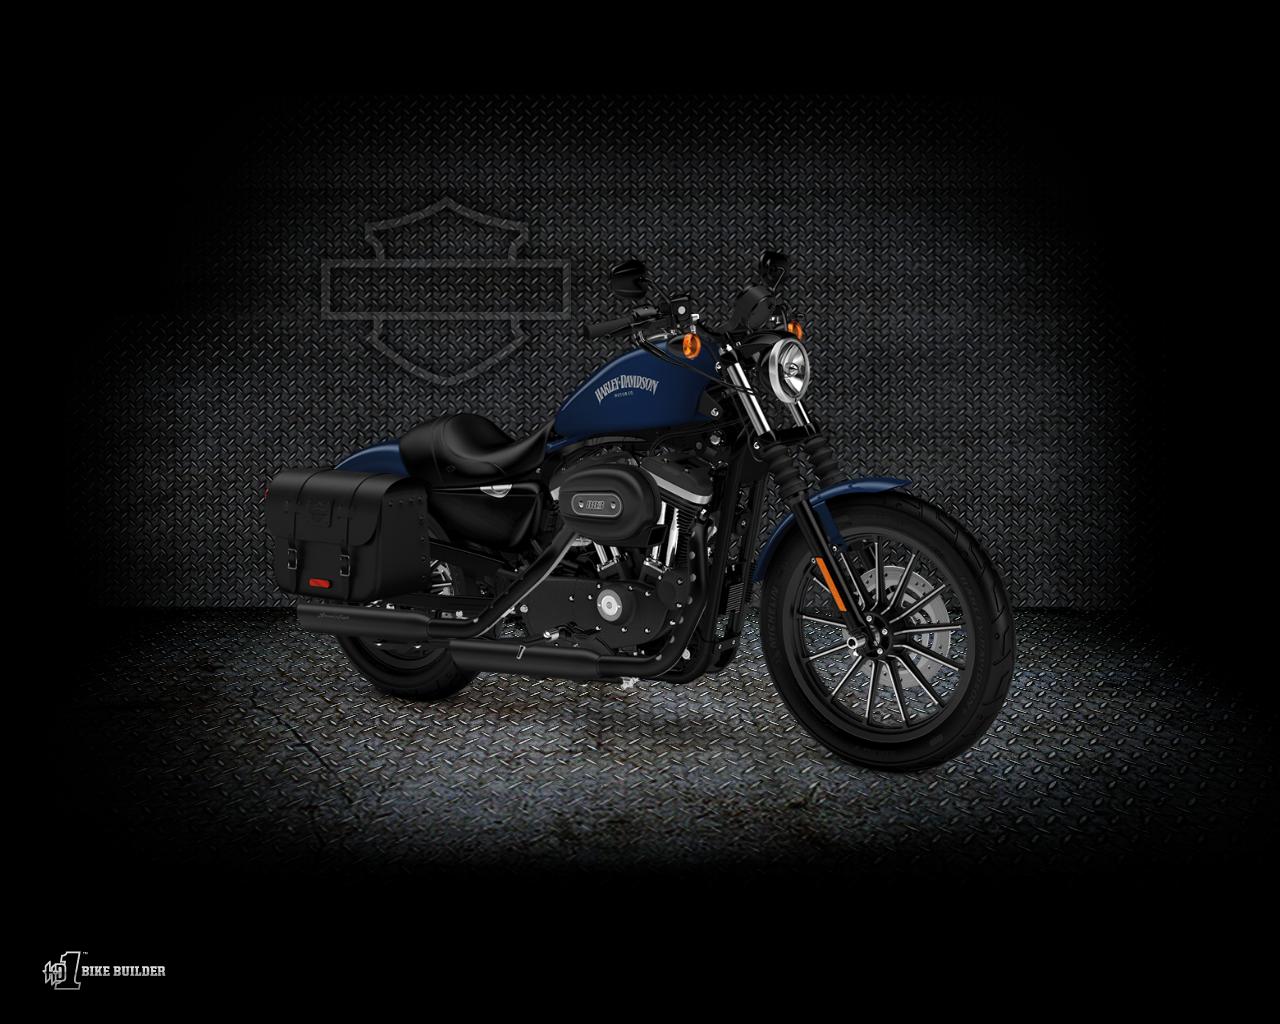 Harley Davidson Sportster Iron 883 2012 Wallpaper For 1280x1024